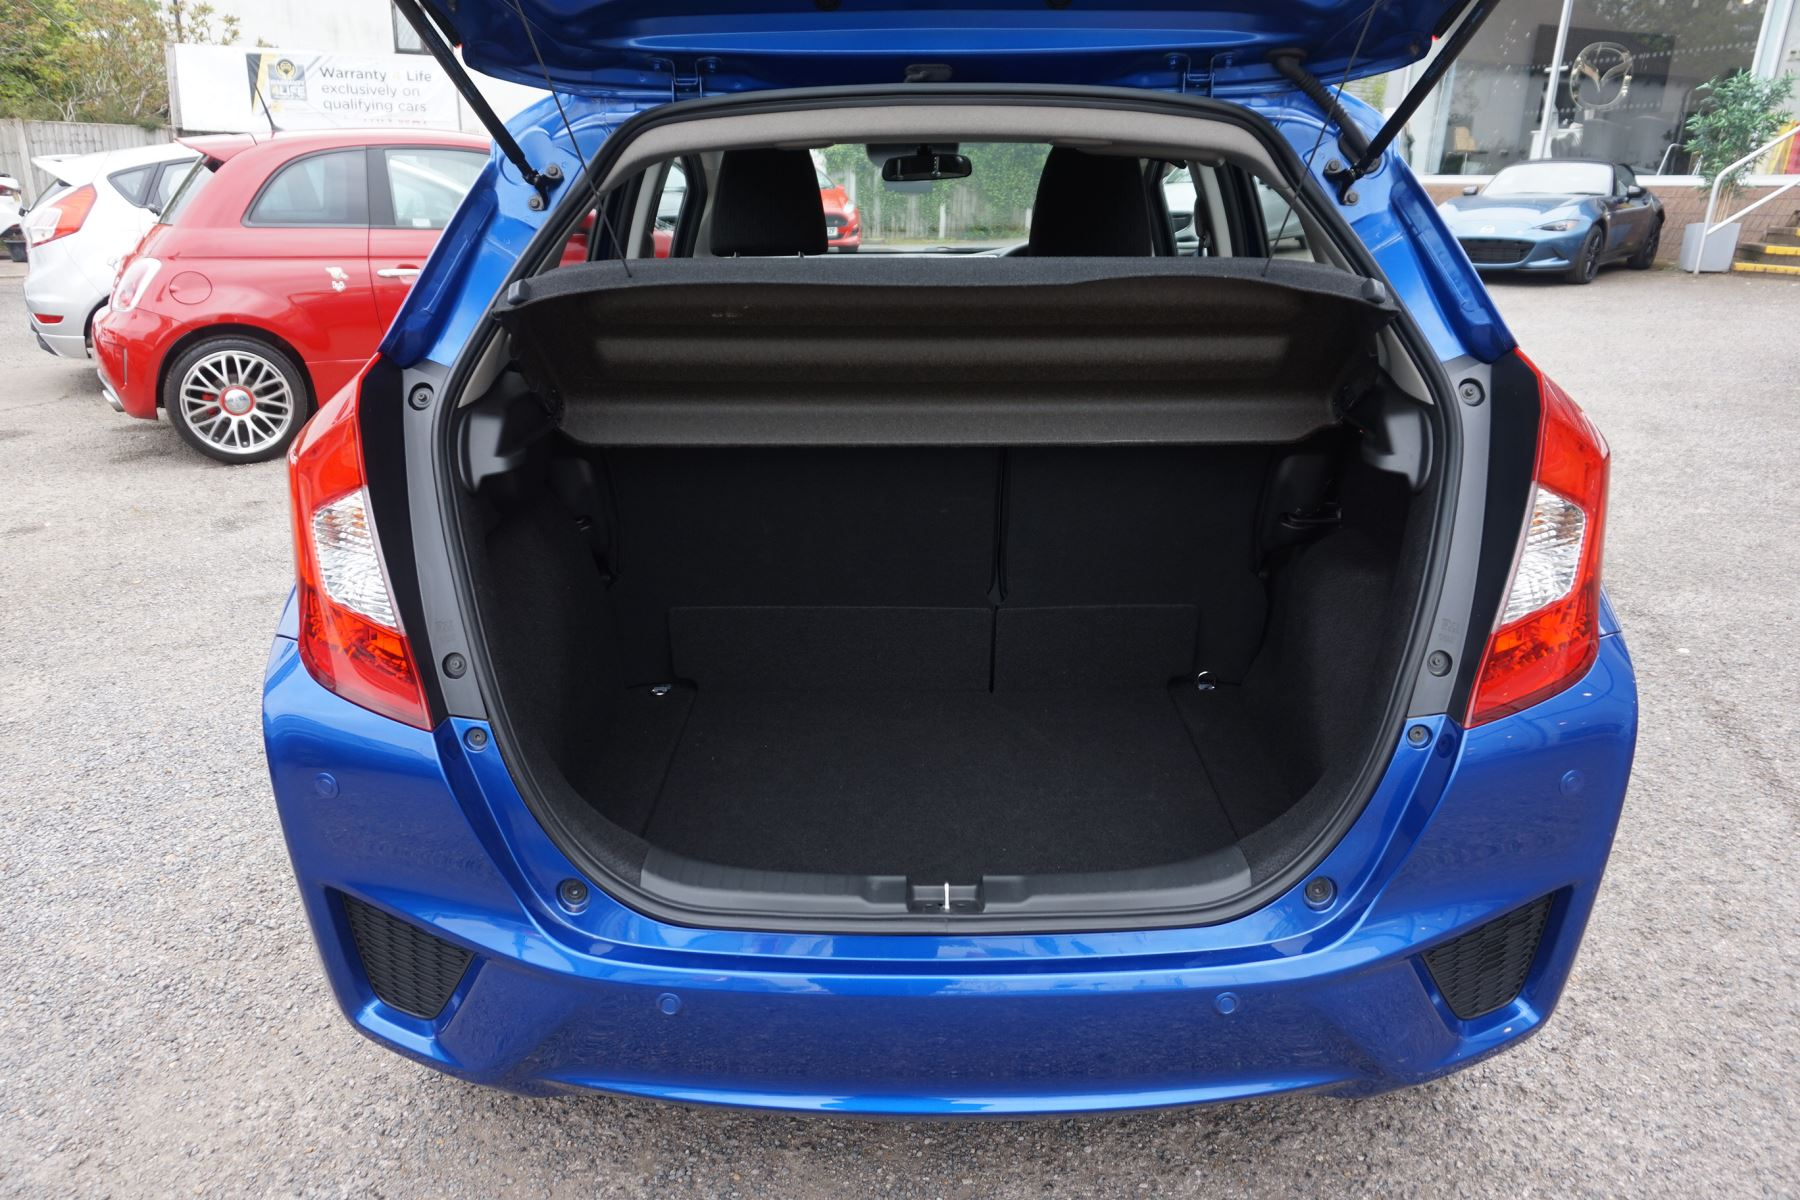 Honda Jazz 1.3 SE Navi CVT image 6